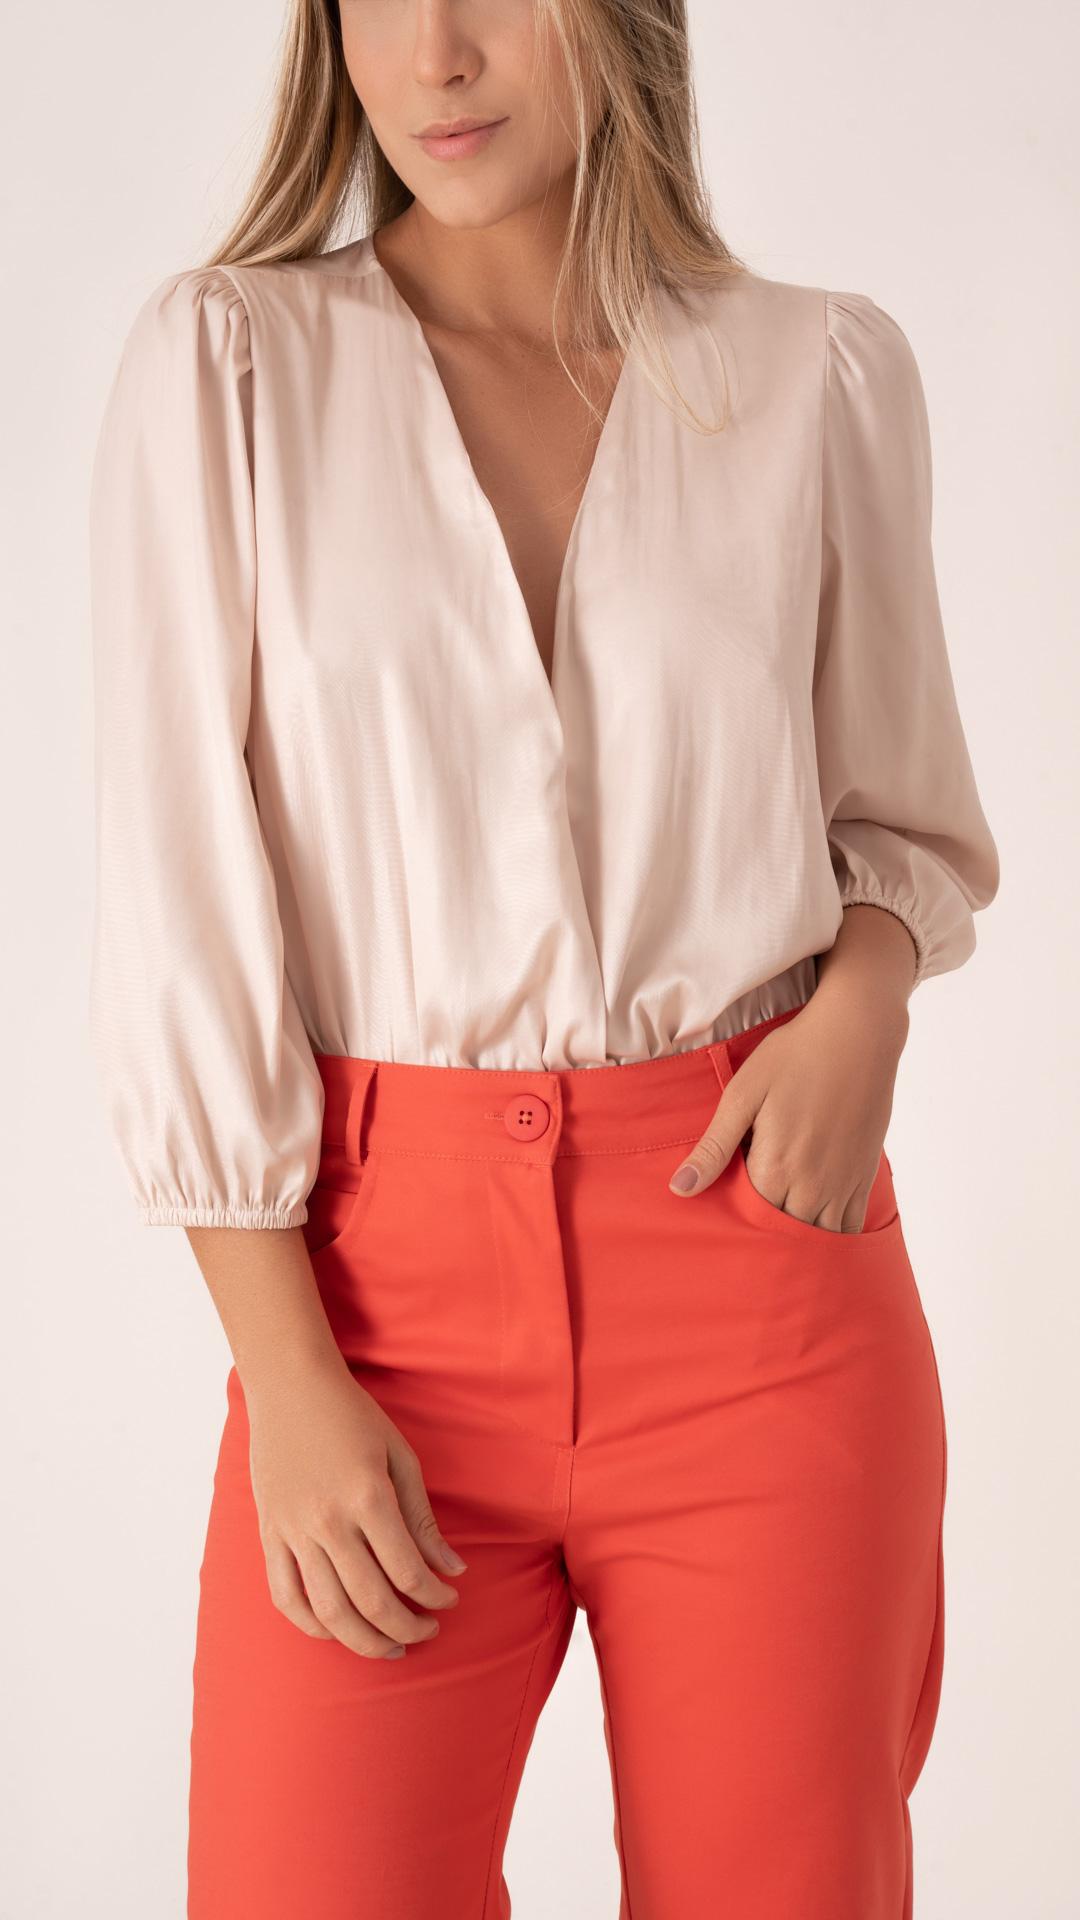 Calça D Layer Pantalona Curta